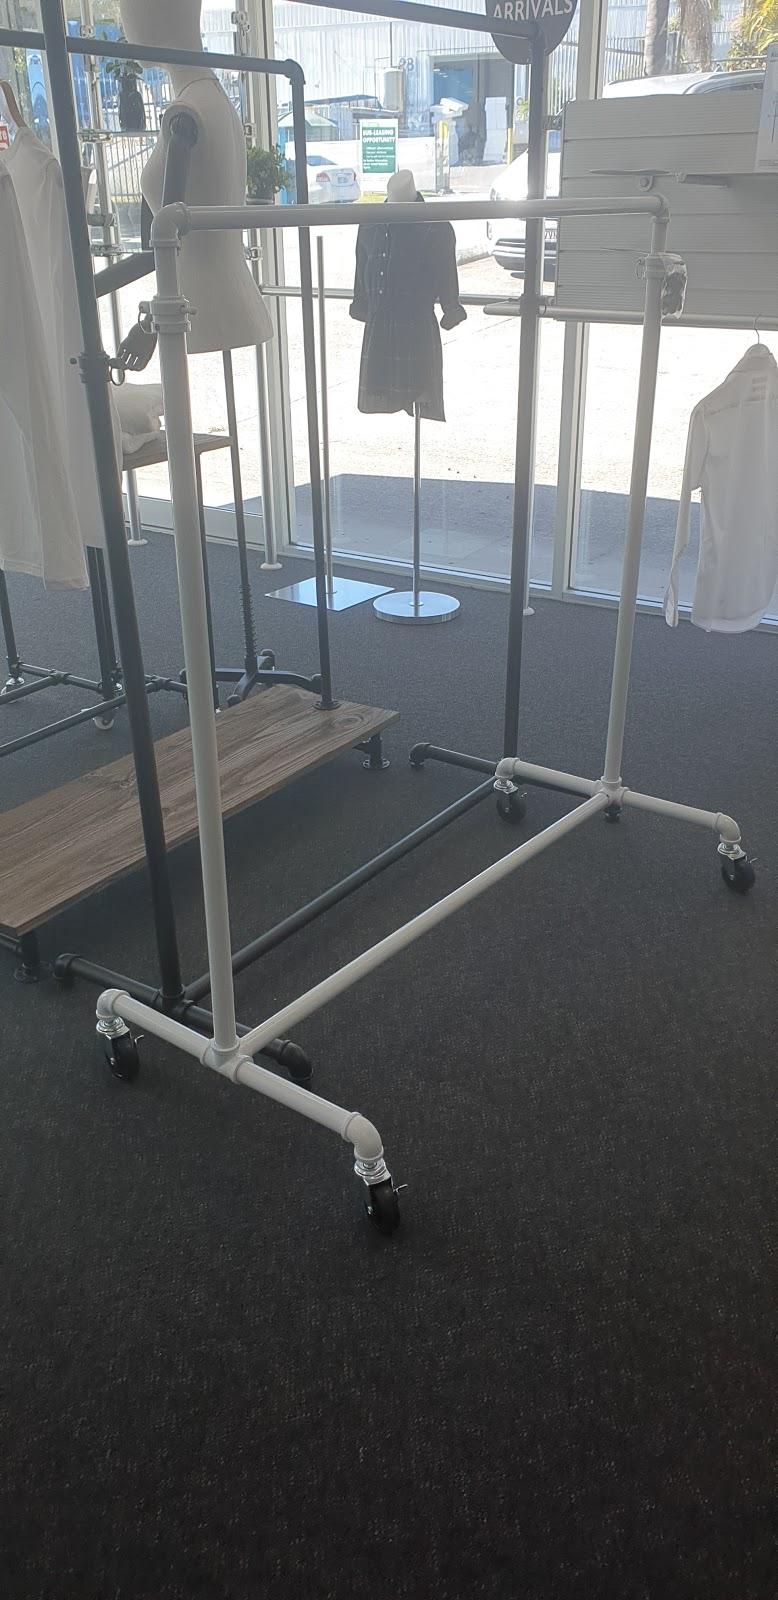 Apex Display | furniture store | 43 Proprietary St, Tingalpa QLD 4173, Australia | 1800111488 OR +61 1800 111 488